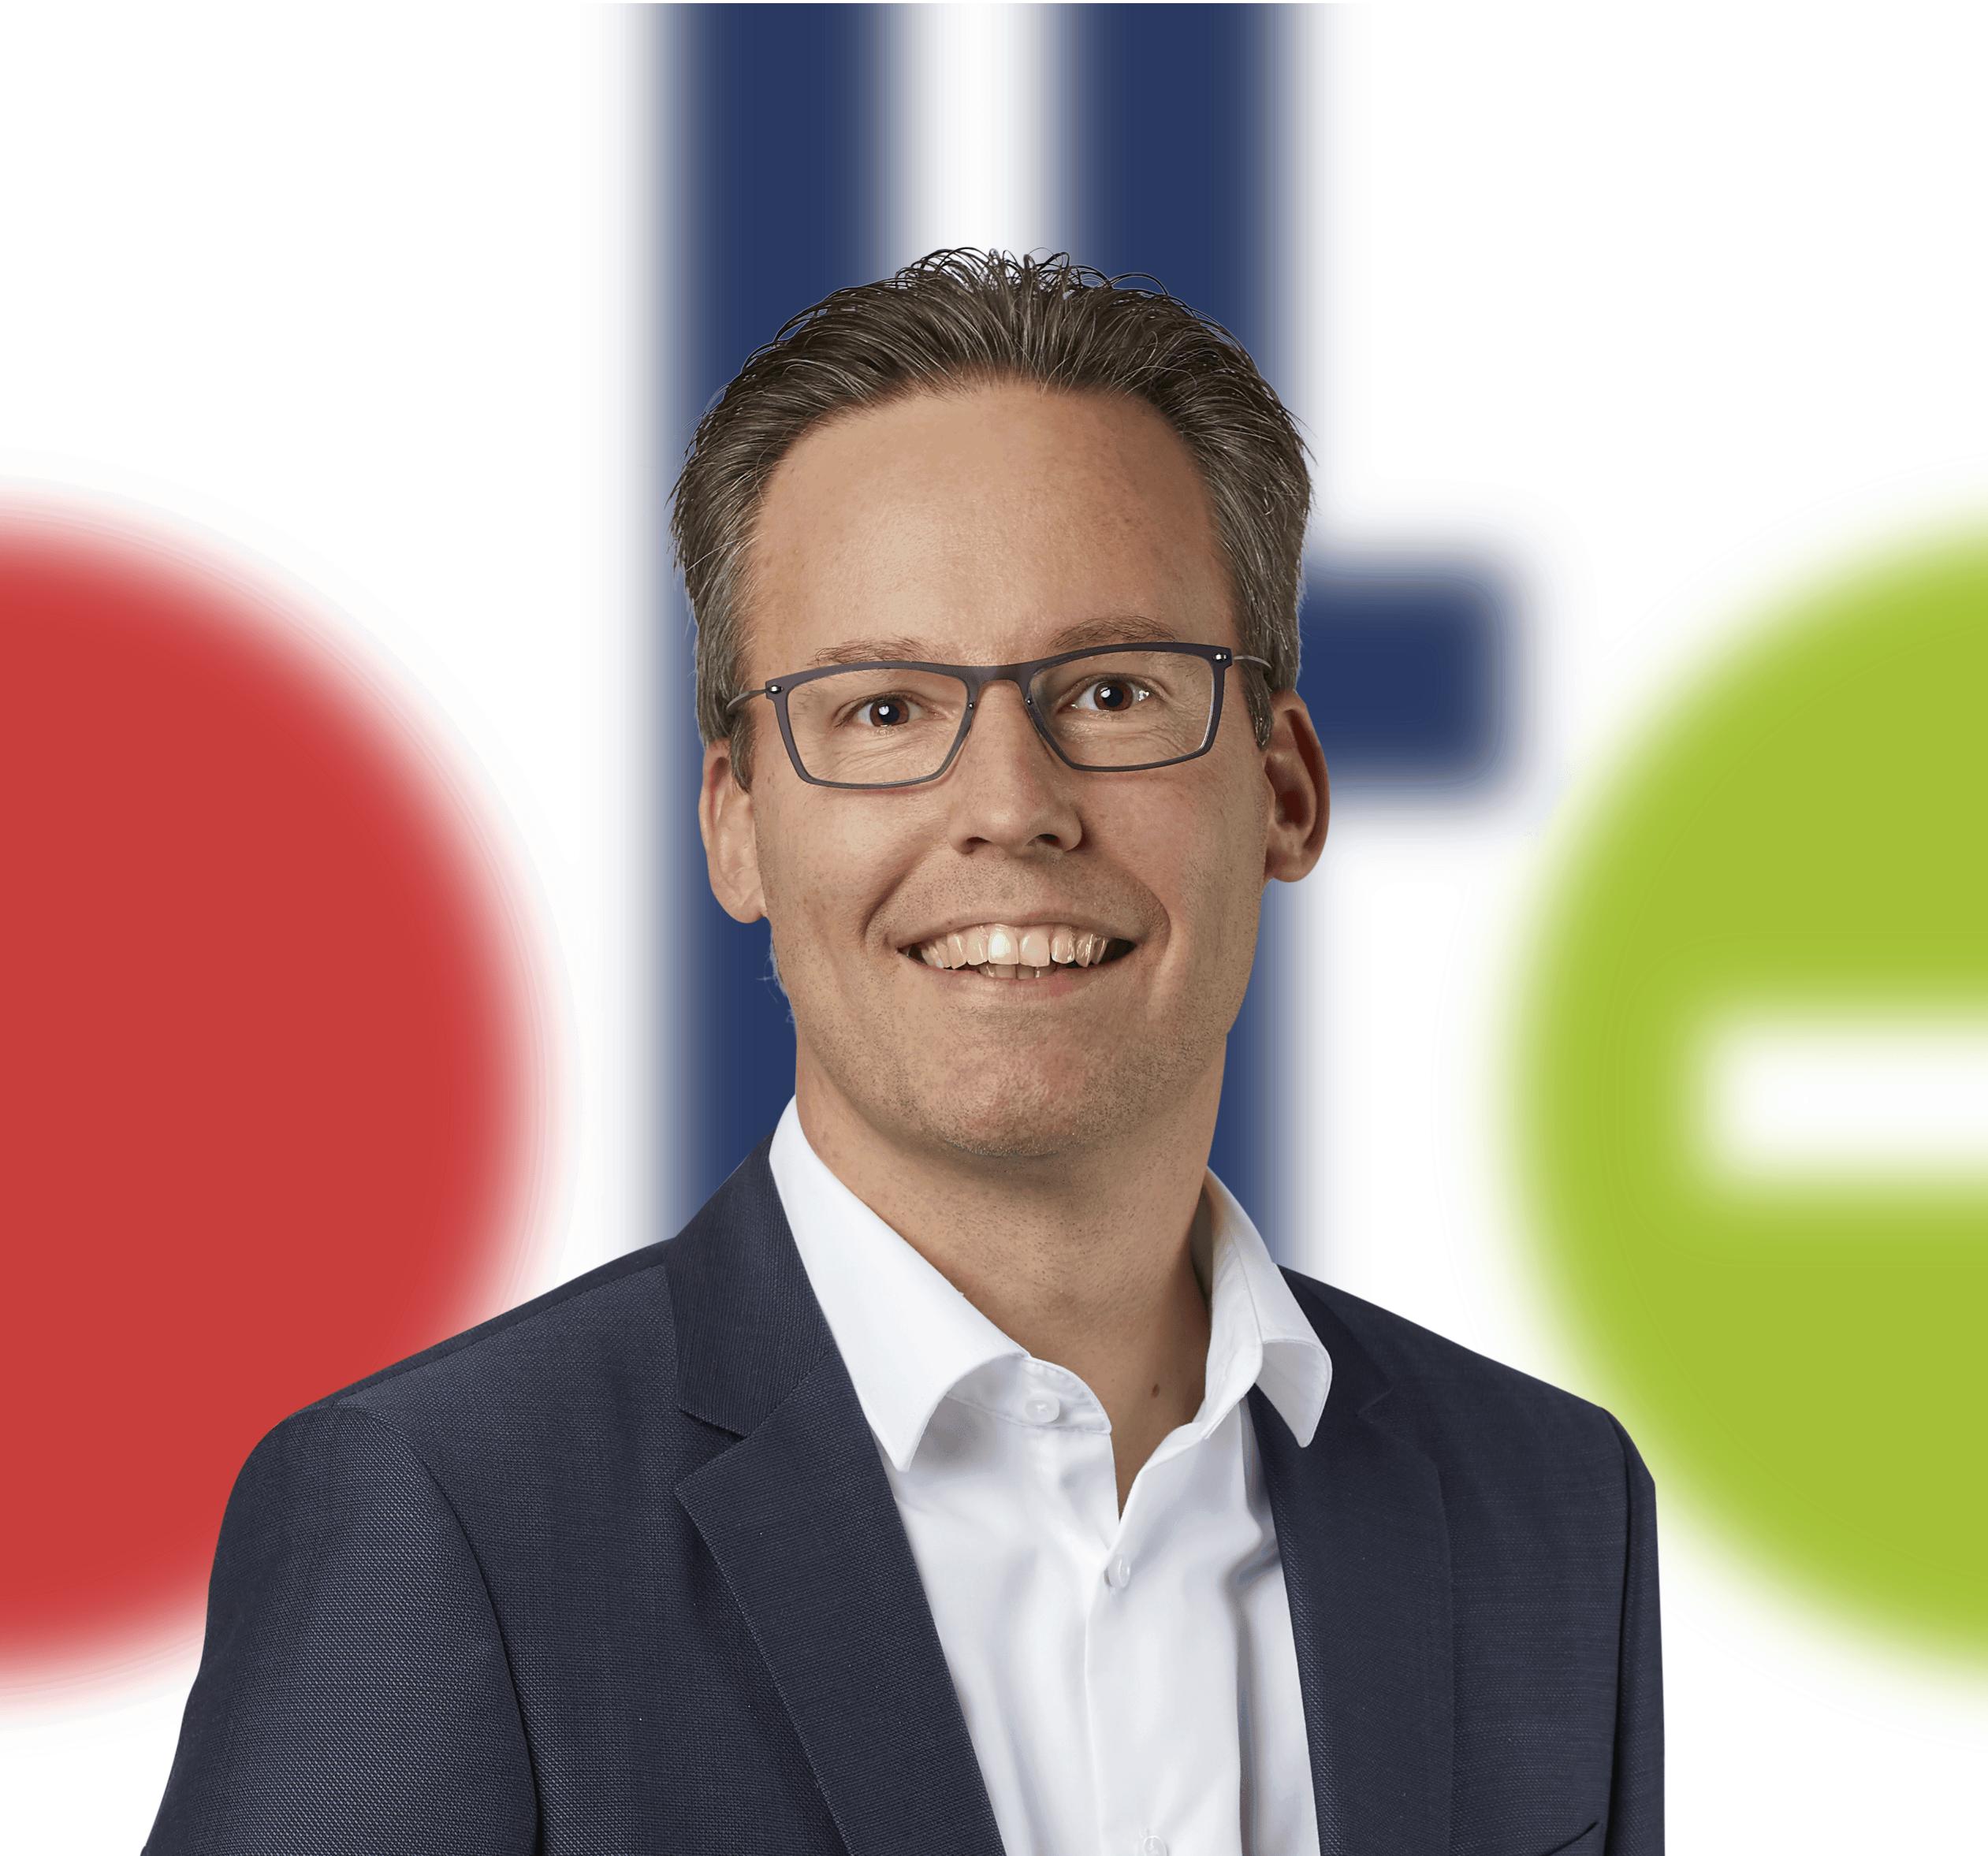 Bjorn van den Brink over arbeidsvoorwaarden bij Polteq: Polteq zorgt ervoor dat je je kunt blijven ontwikkelen